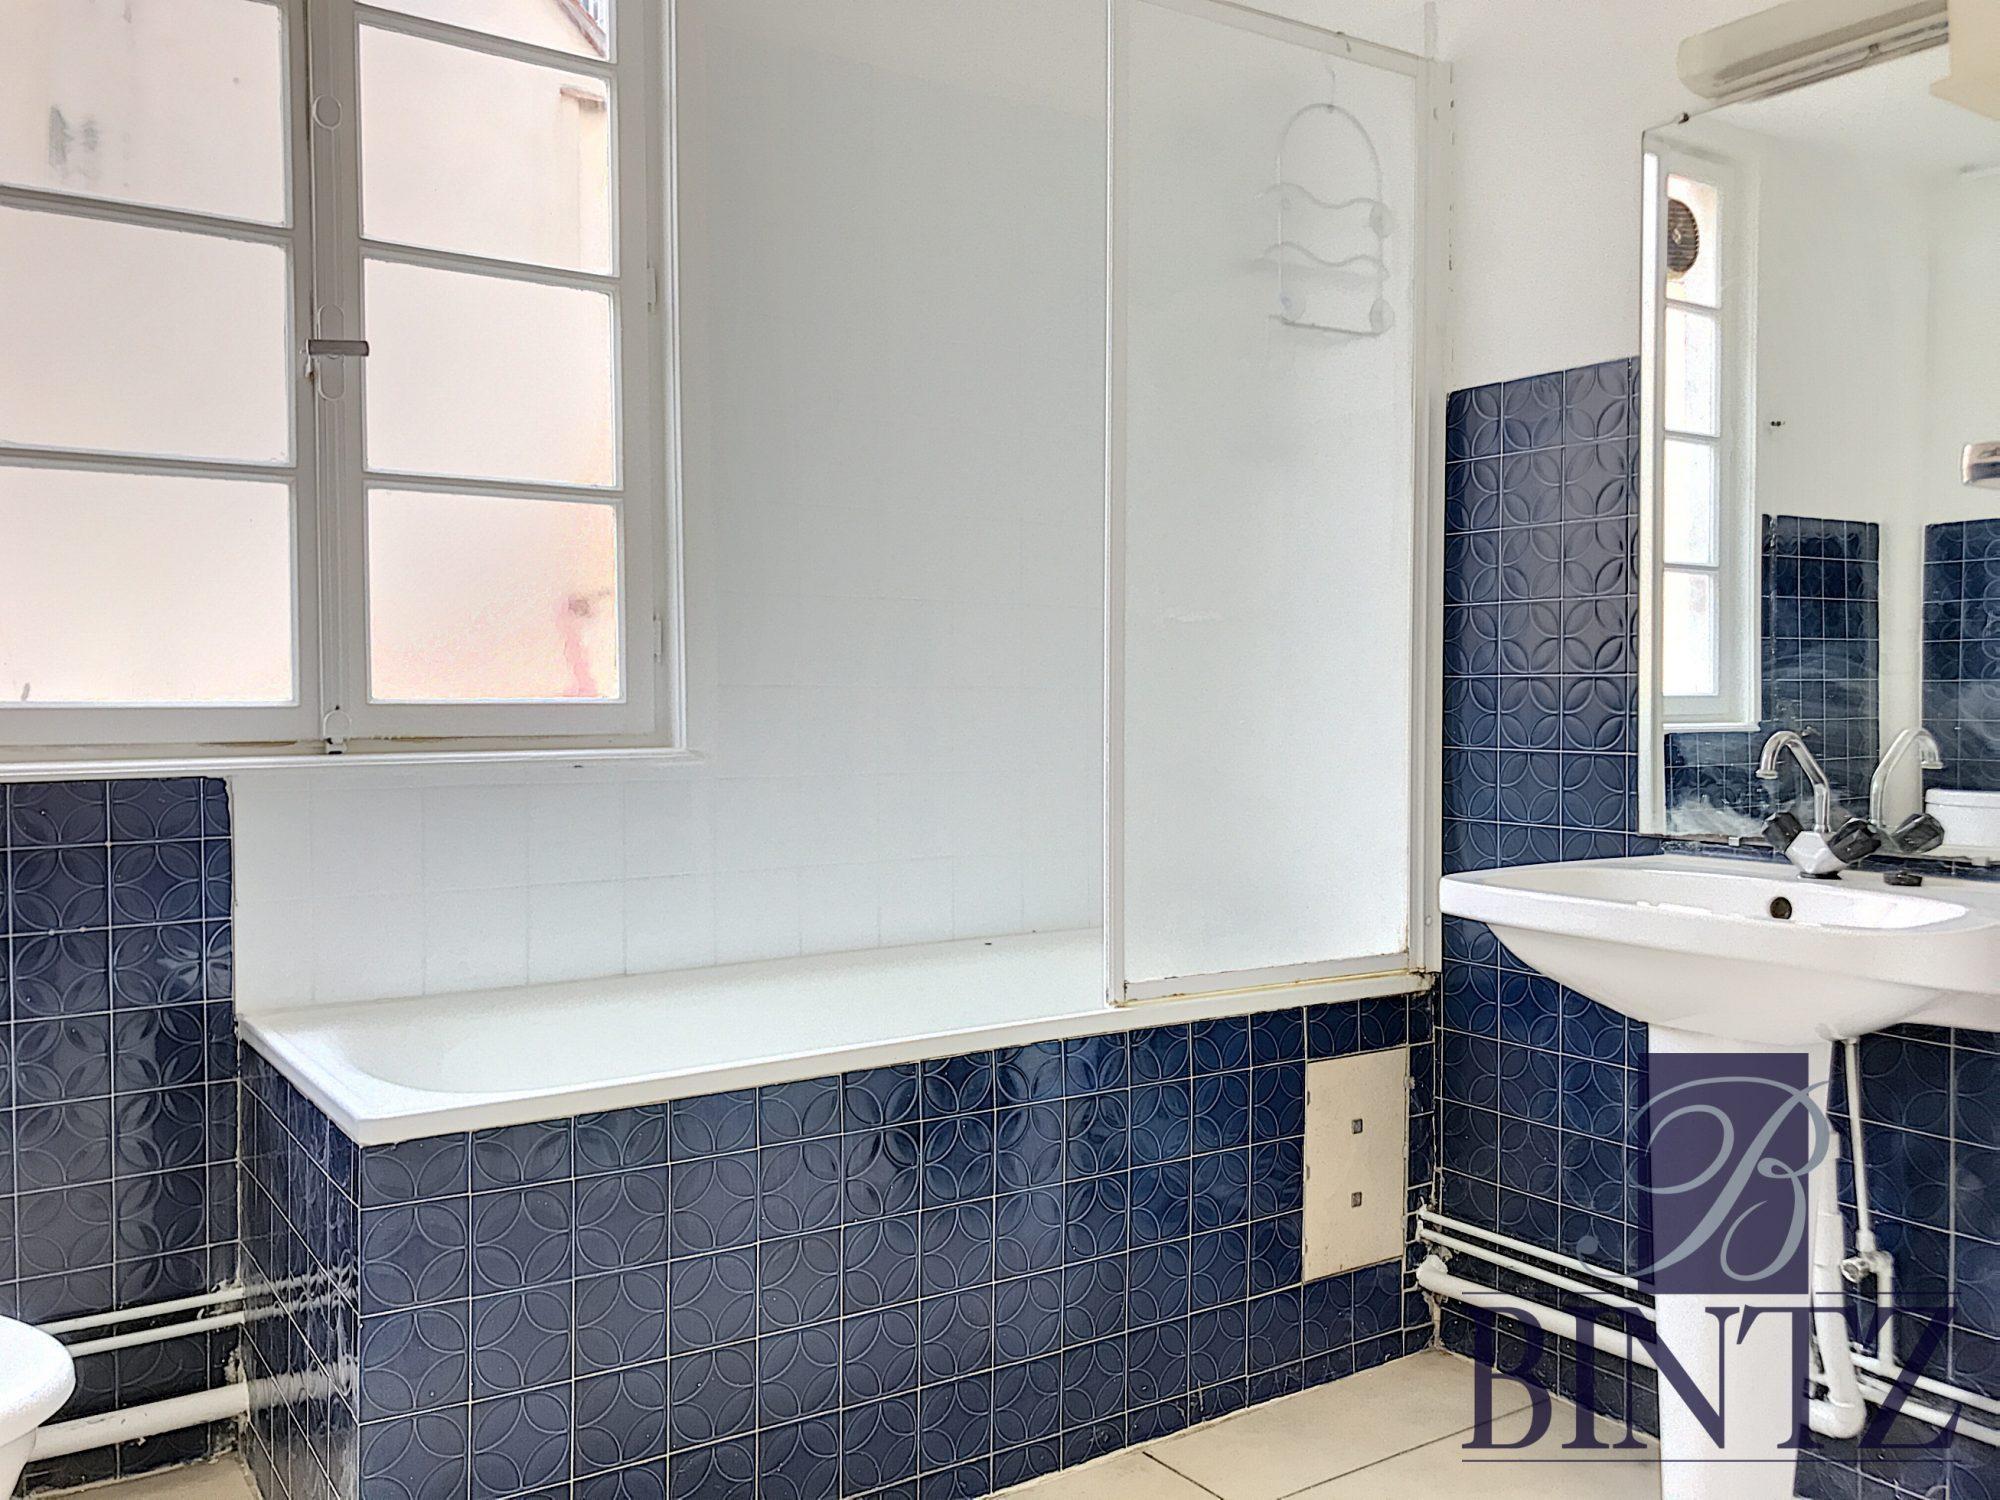 2 PIÈCES MEUBLÉ HYPER CENTRE - Devenez locataire en toute sérénité - Bintz Immobilier - 5